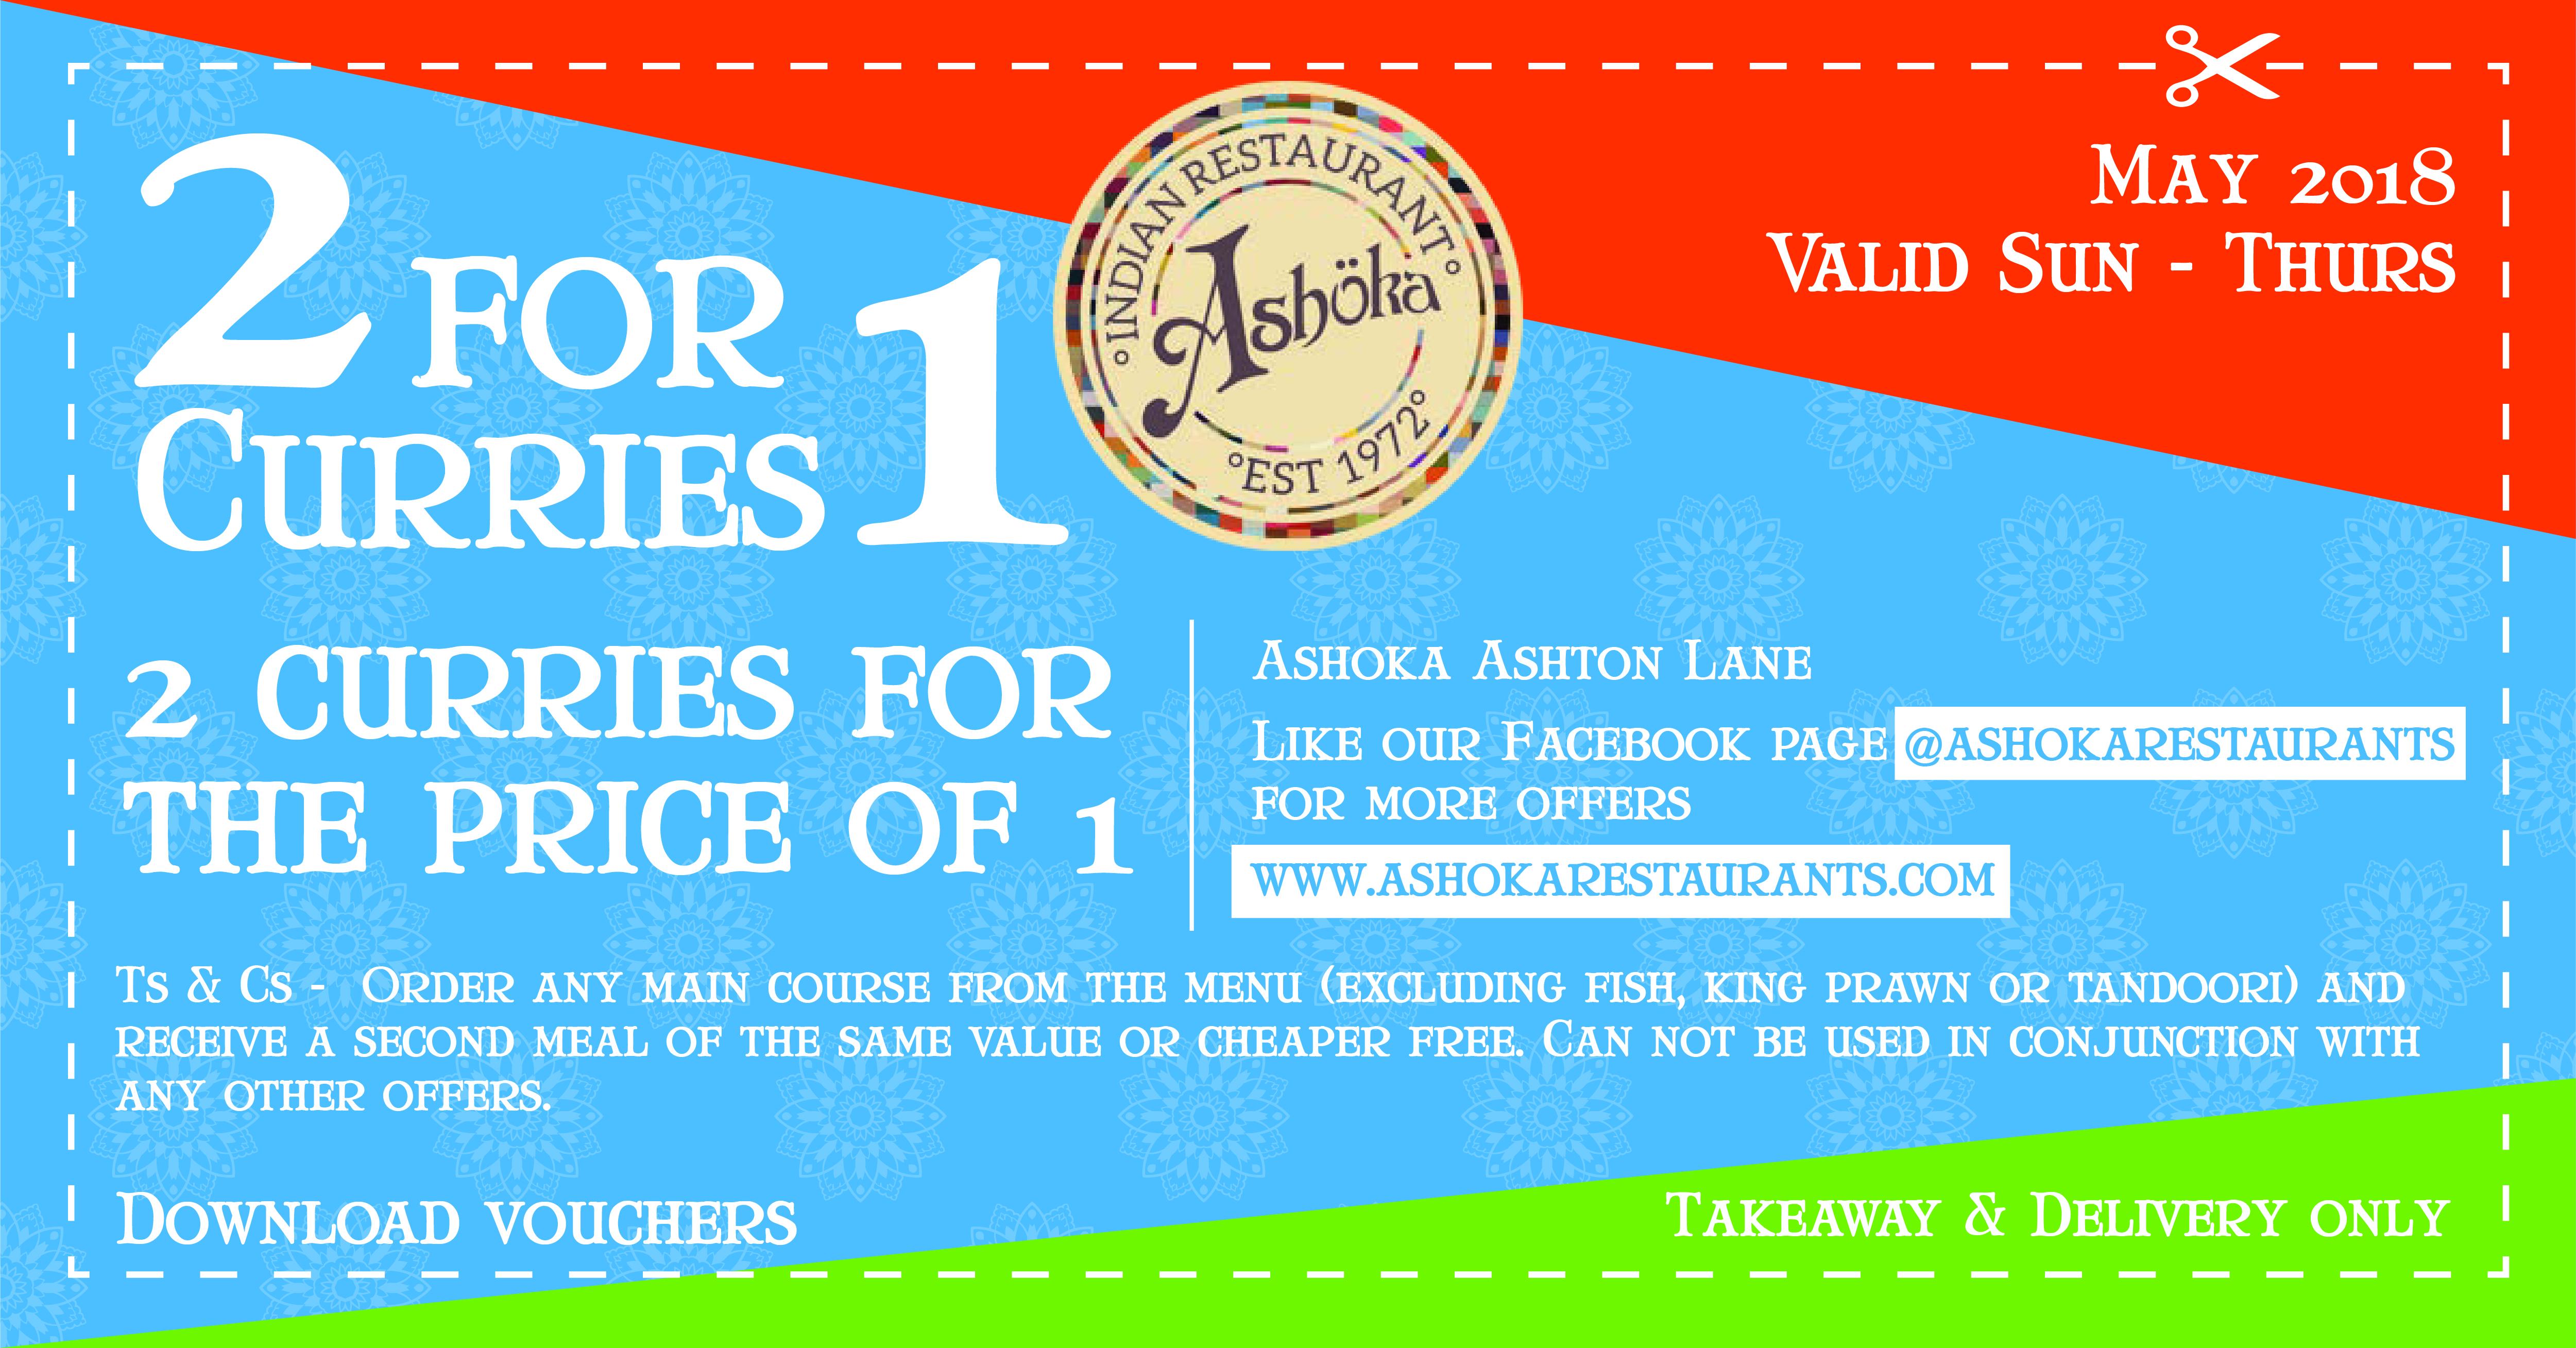 Ashoka Ashton Lane coupon